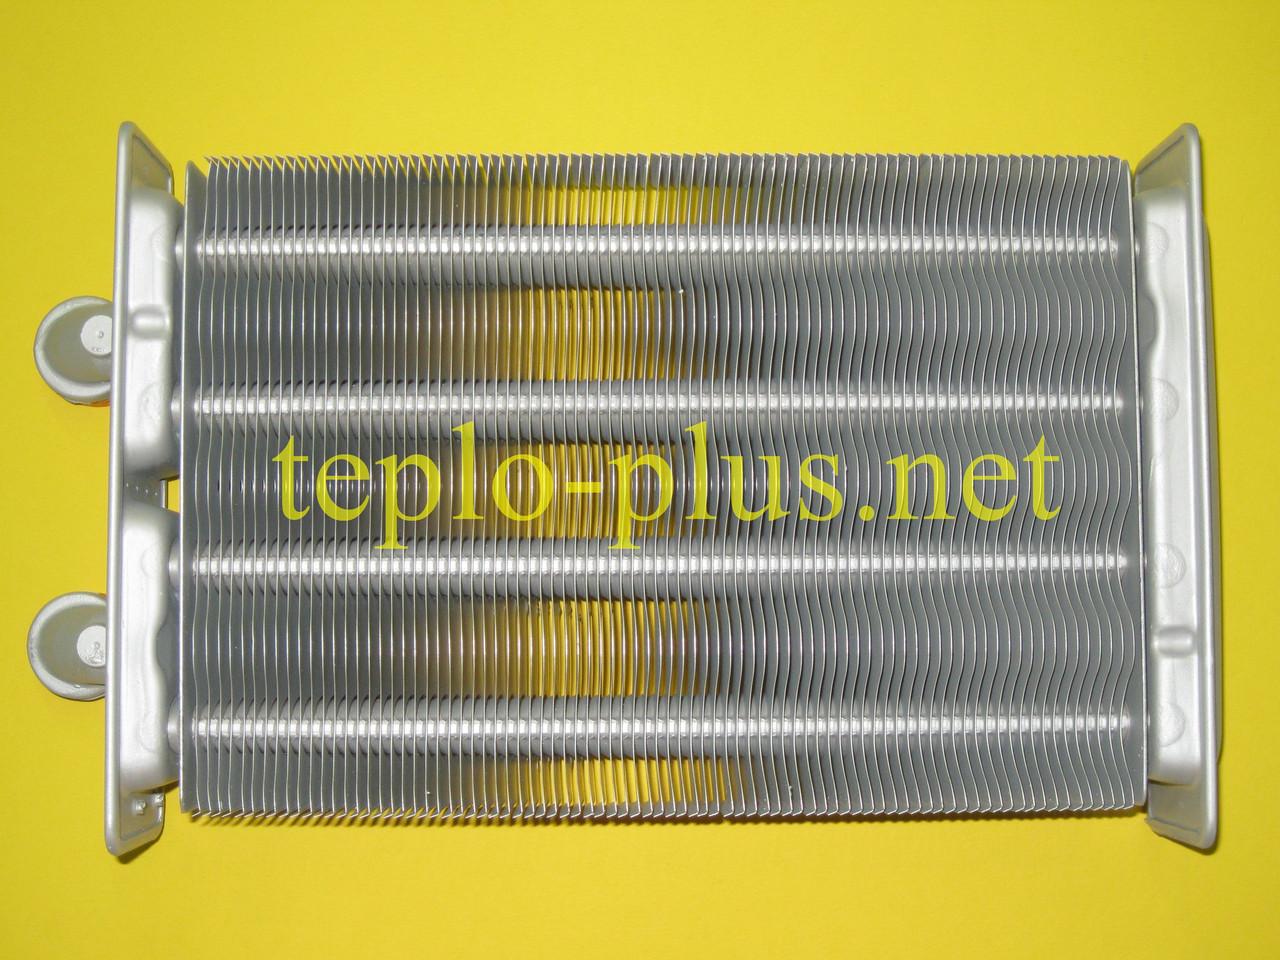 Теплообменник первичный (основной) R20052572 (R10023651) Beretta City J 24 CAI, Mynute, Exclusive, фото 2